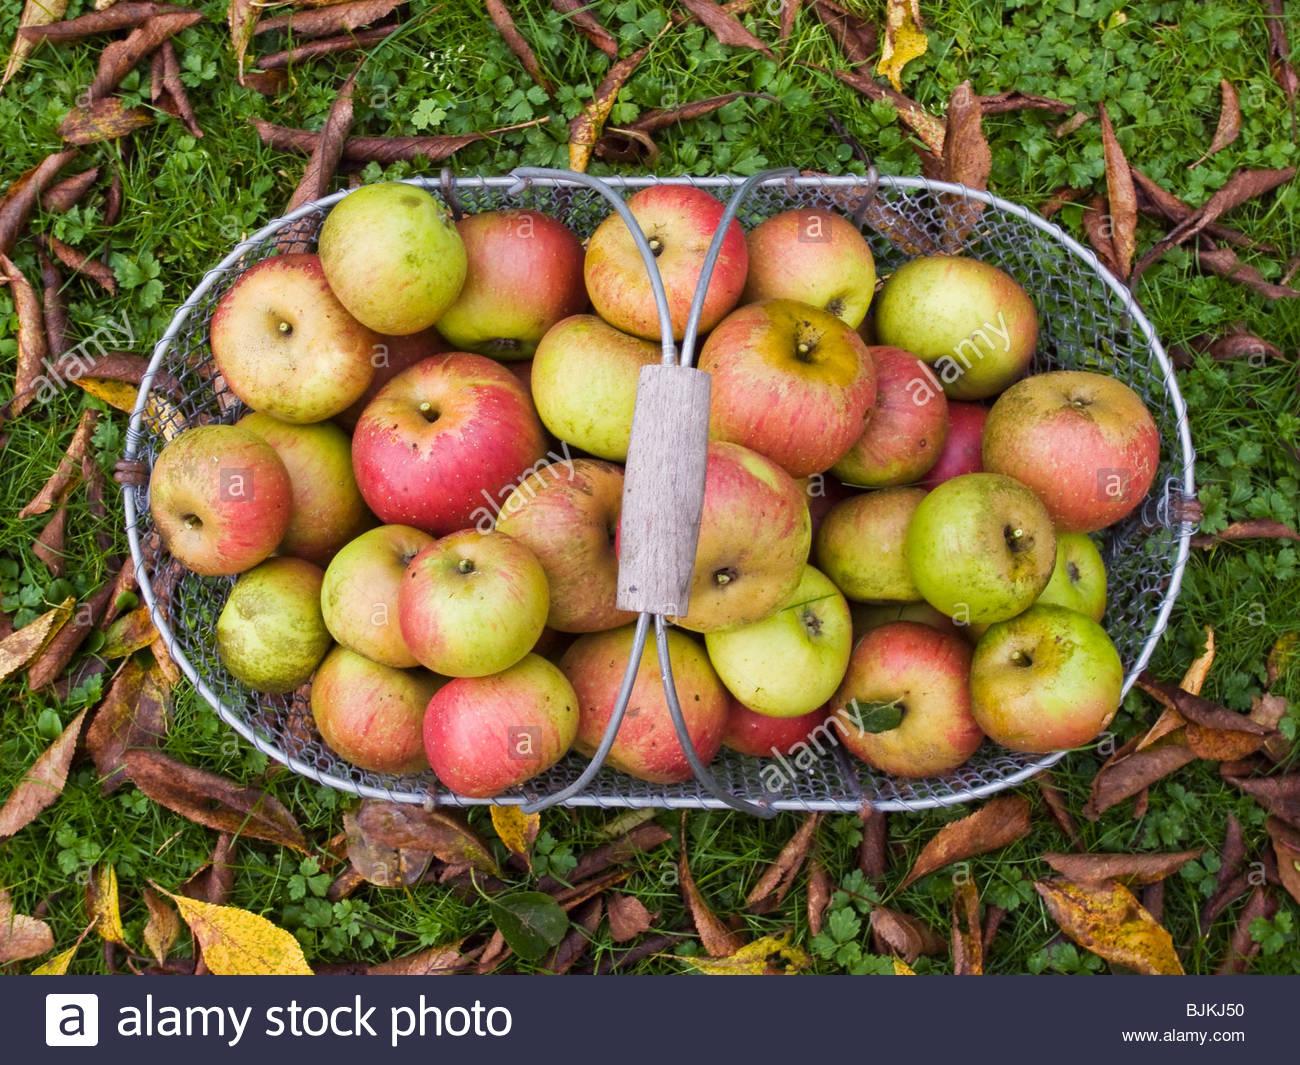 Las manzanas en una canasta fuera de puertas Imagen De Stock